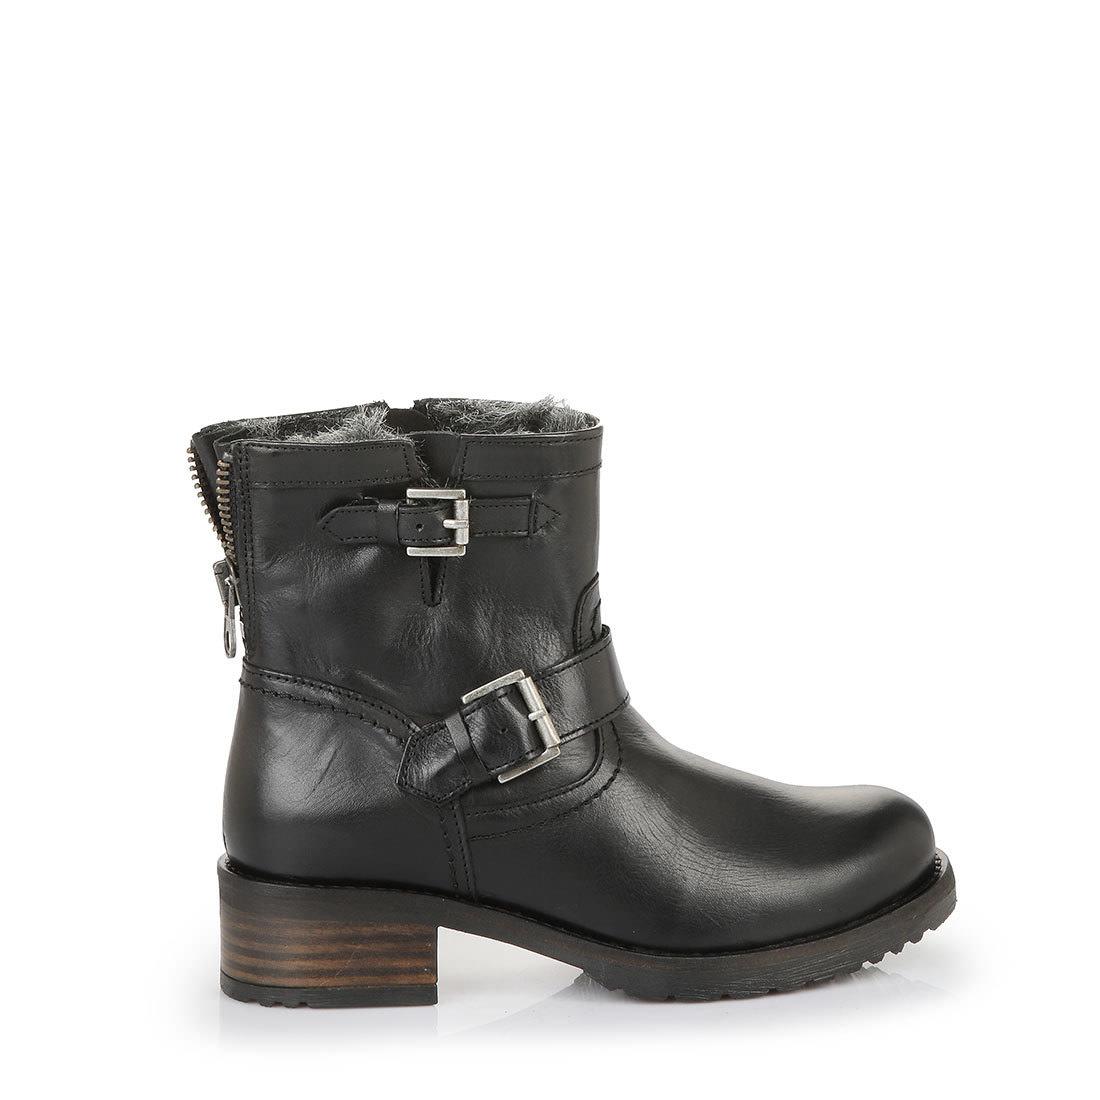 Boots Buy Black Buffalo In Online Lined Biker eIHWE9YD2